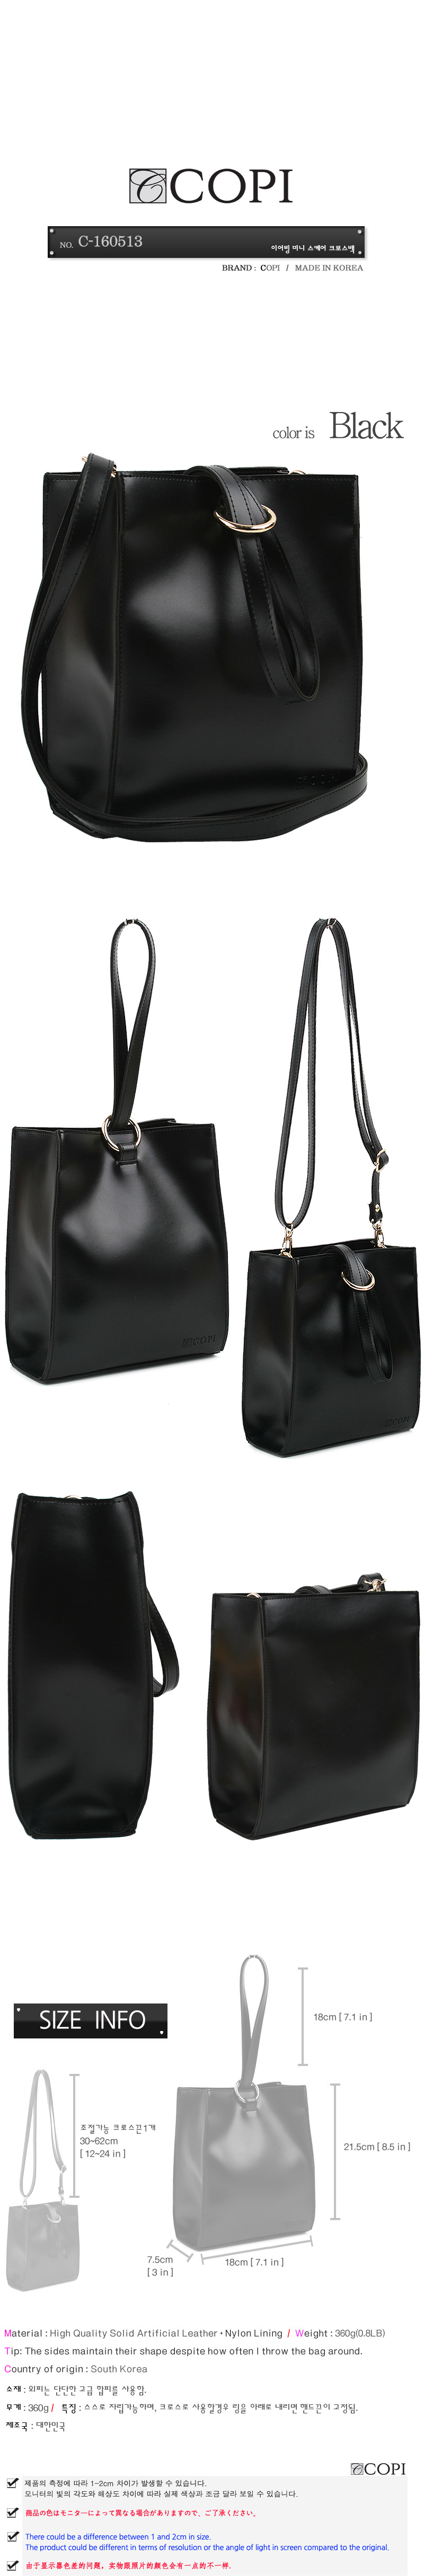 copi handbag no.C-160513